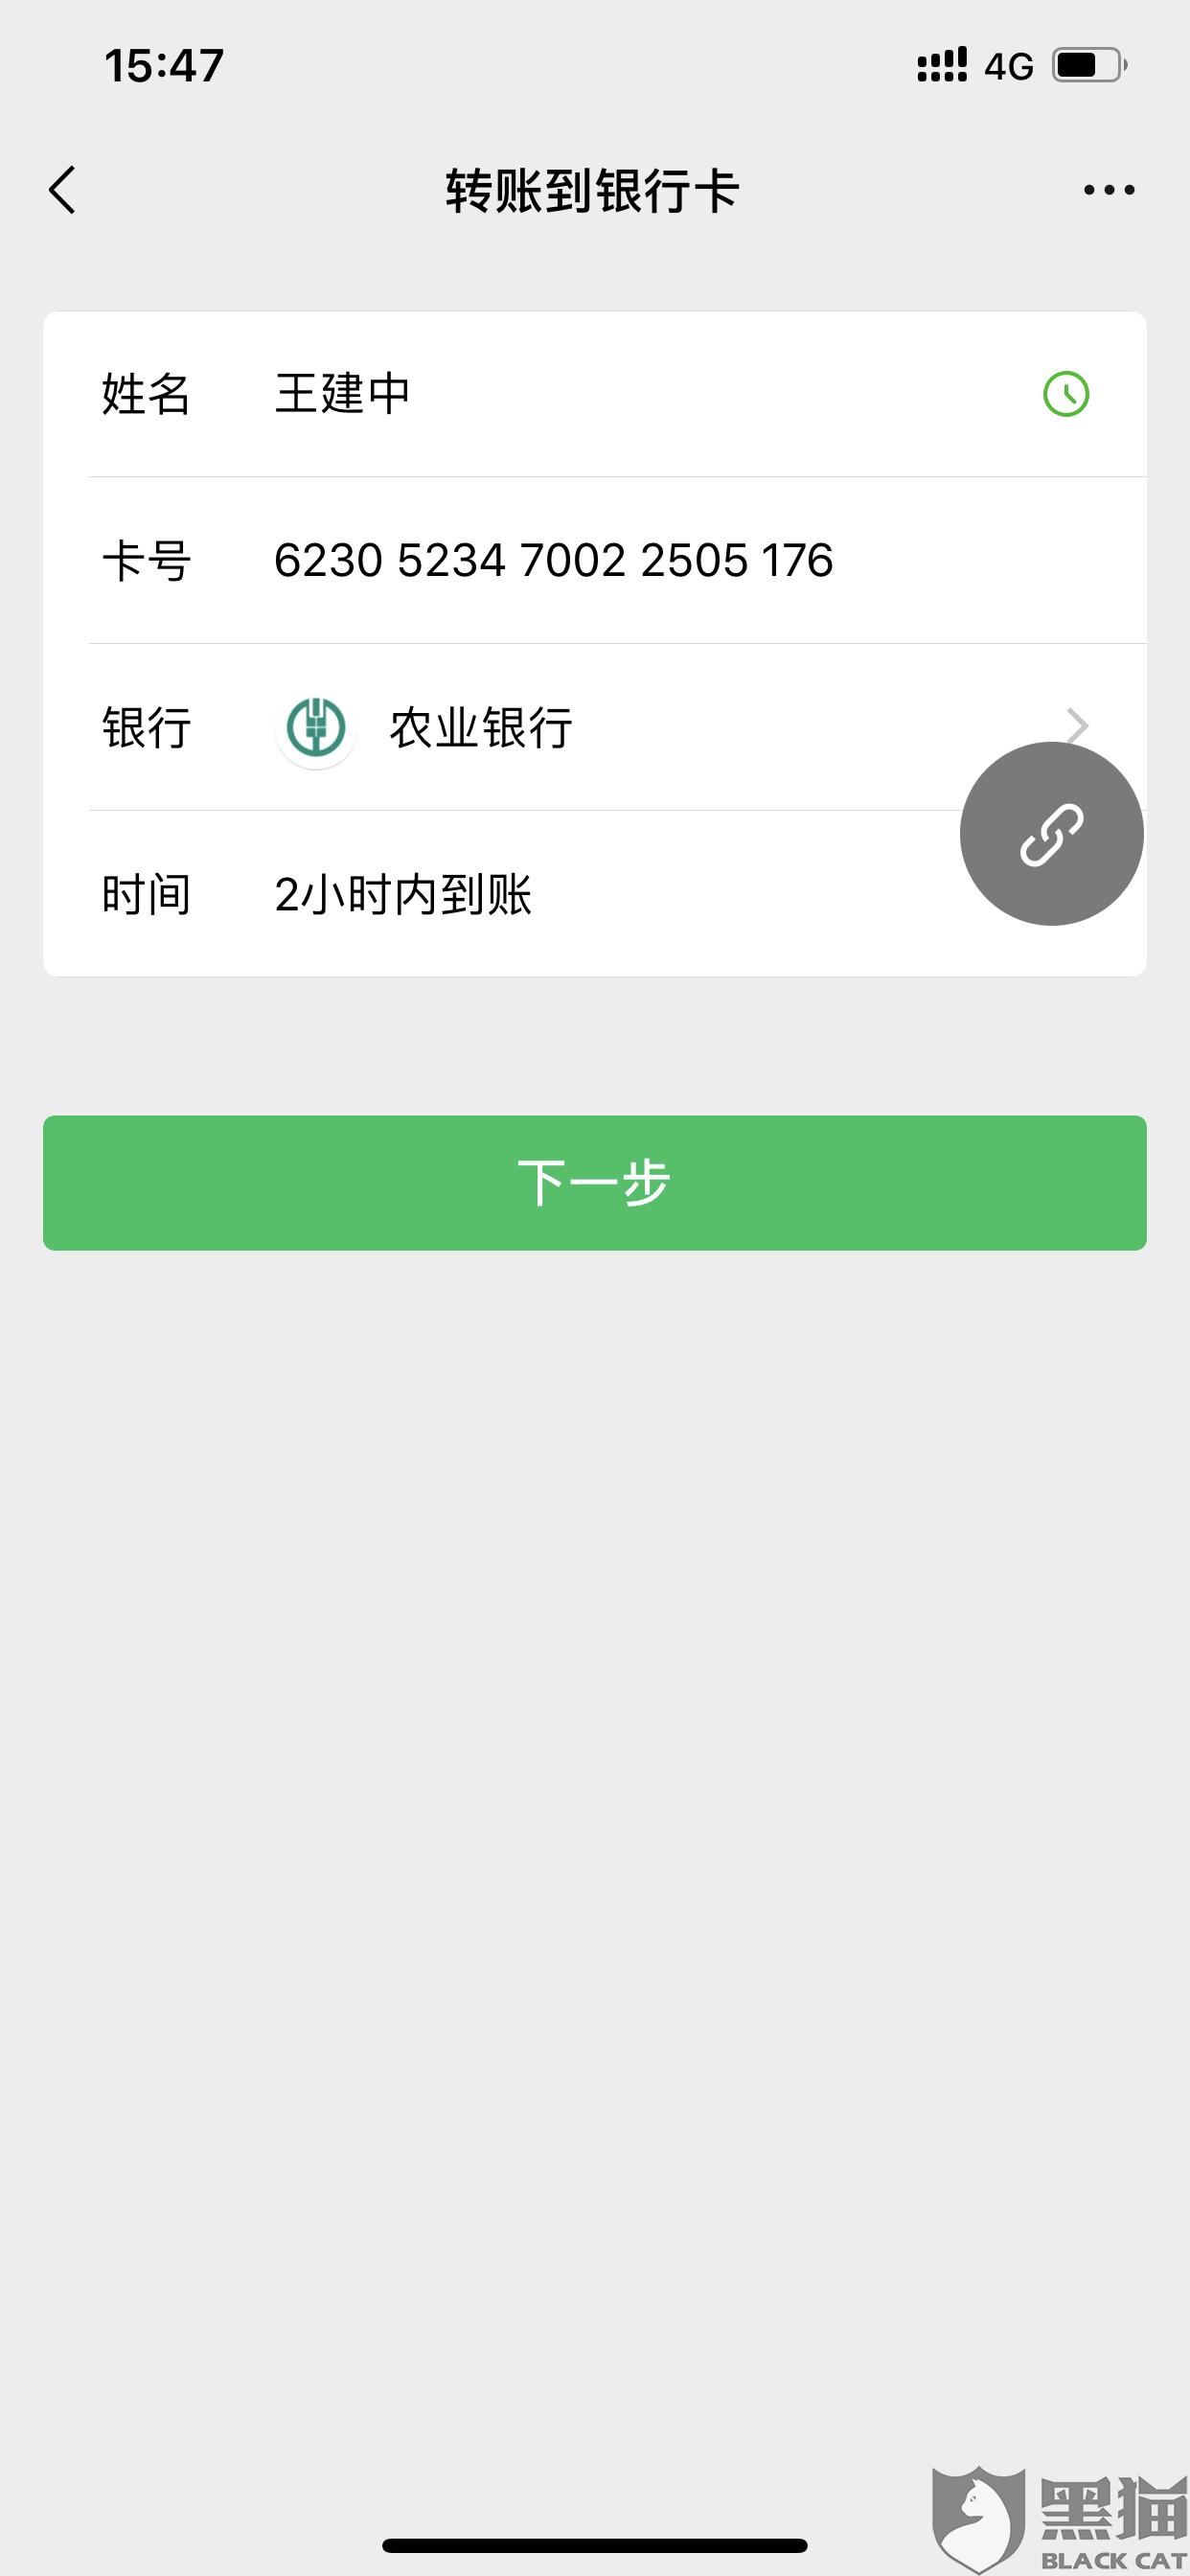 黑猫投诉:宜信普惠信息咨询有限公司昆明第三分公司